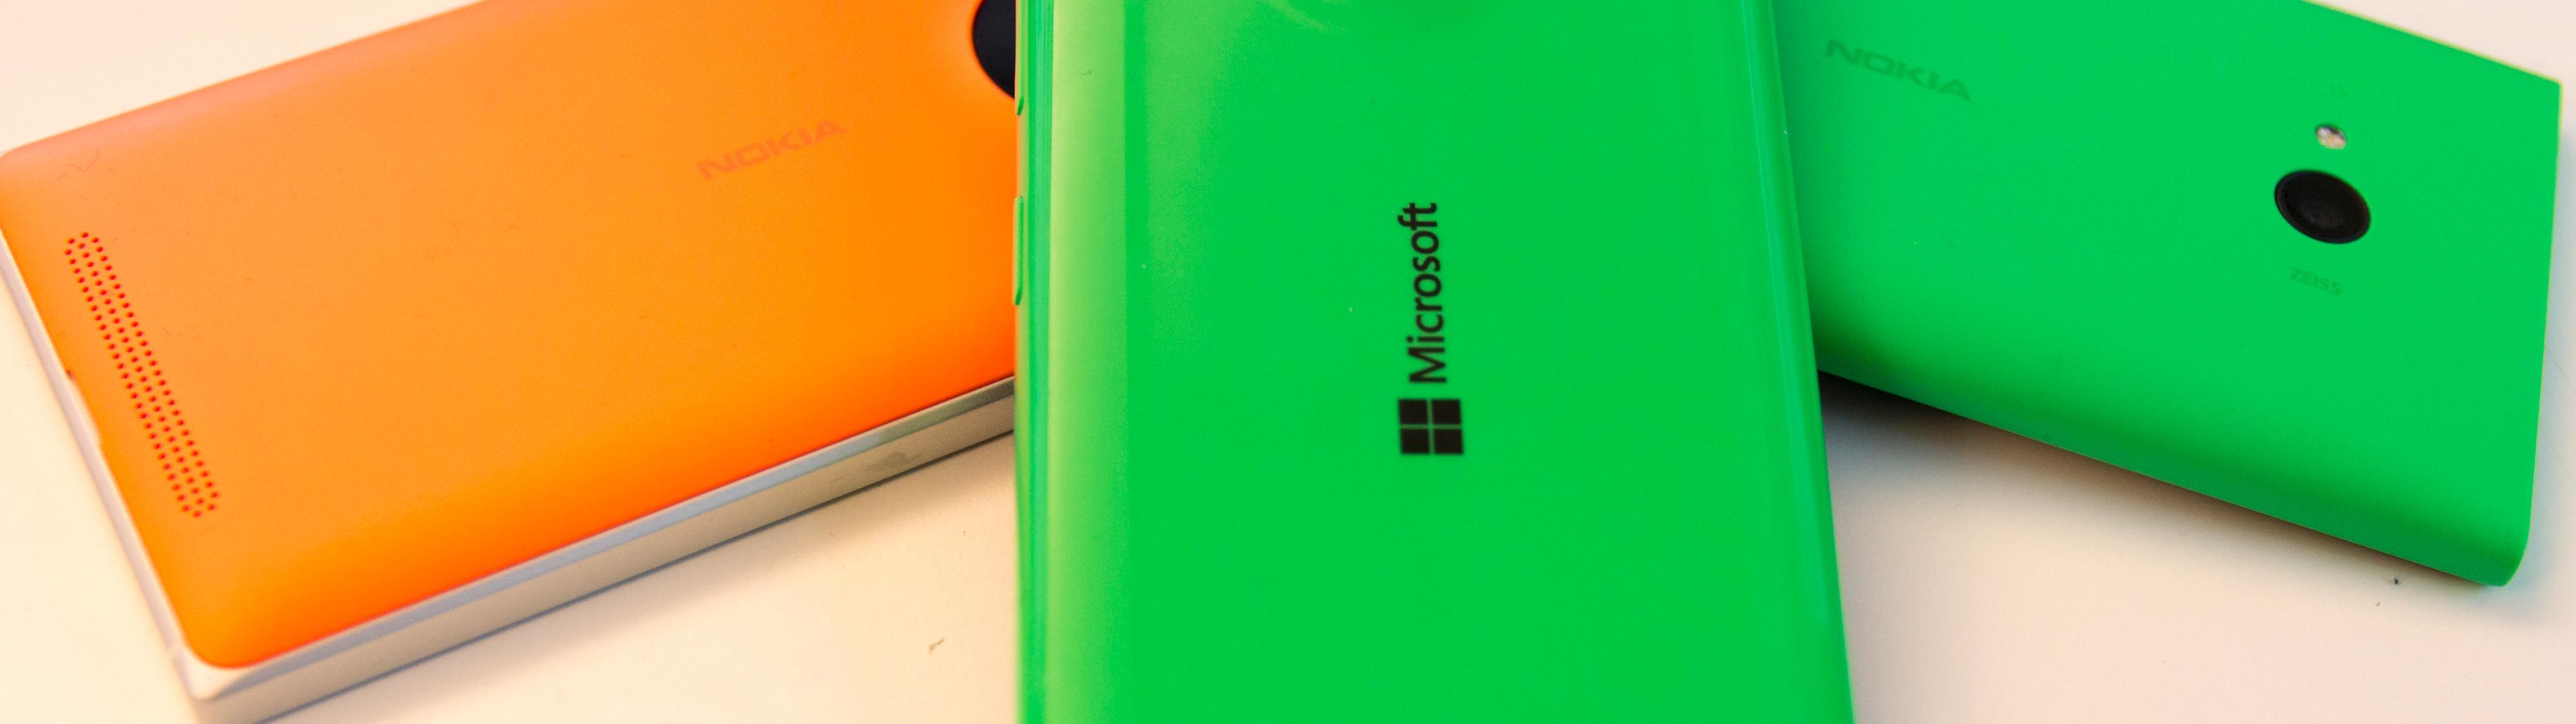 Lumia 535 er den første i serien som det bare står Microsoft på. På dette bildet ser du også Lumia 830 til venstre, og Lumia 735 til høyre. Begge er høyst kompetente telefoner, men i en litt annen prisklasse enn Lumia 535. Foto: Finn Jarle Kvalheim, Tek.no